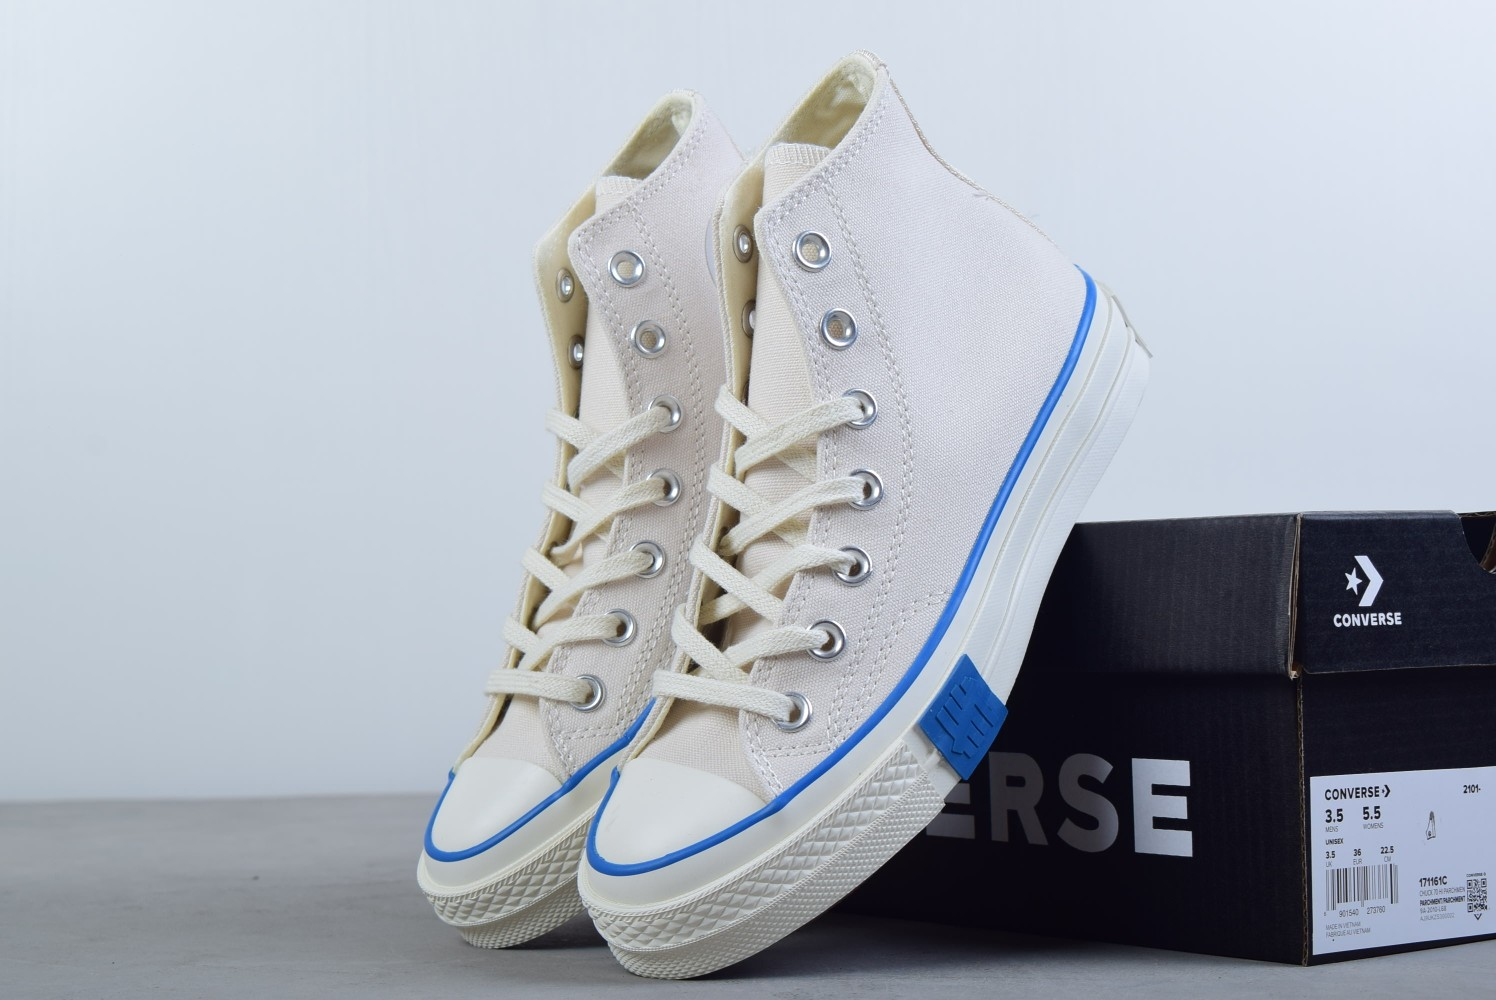 匡威Converse x undefeated 洛杉矶潮牌合作款白蓝高帮帆布鞋纯原版本 货号:171161C